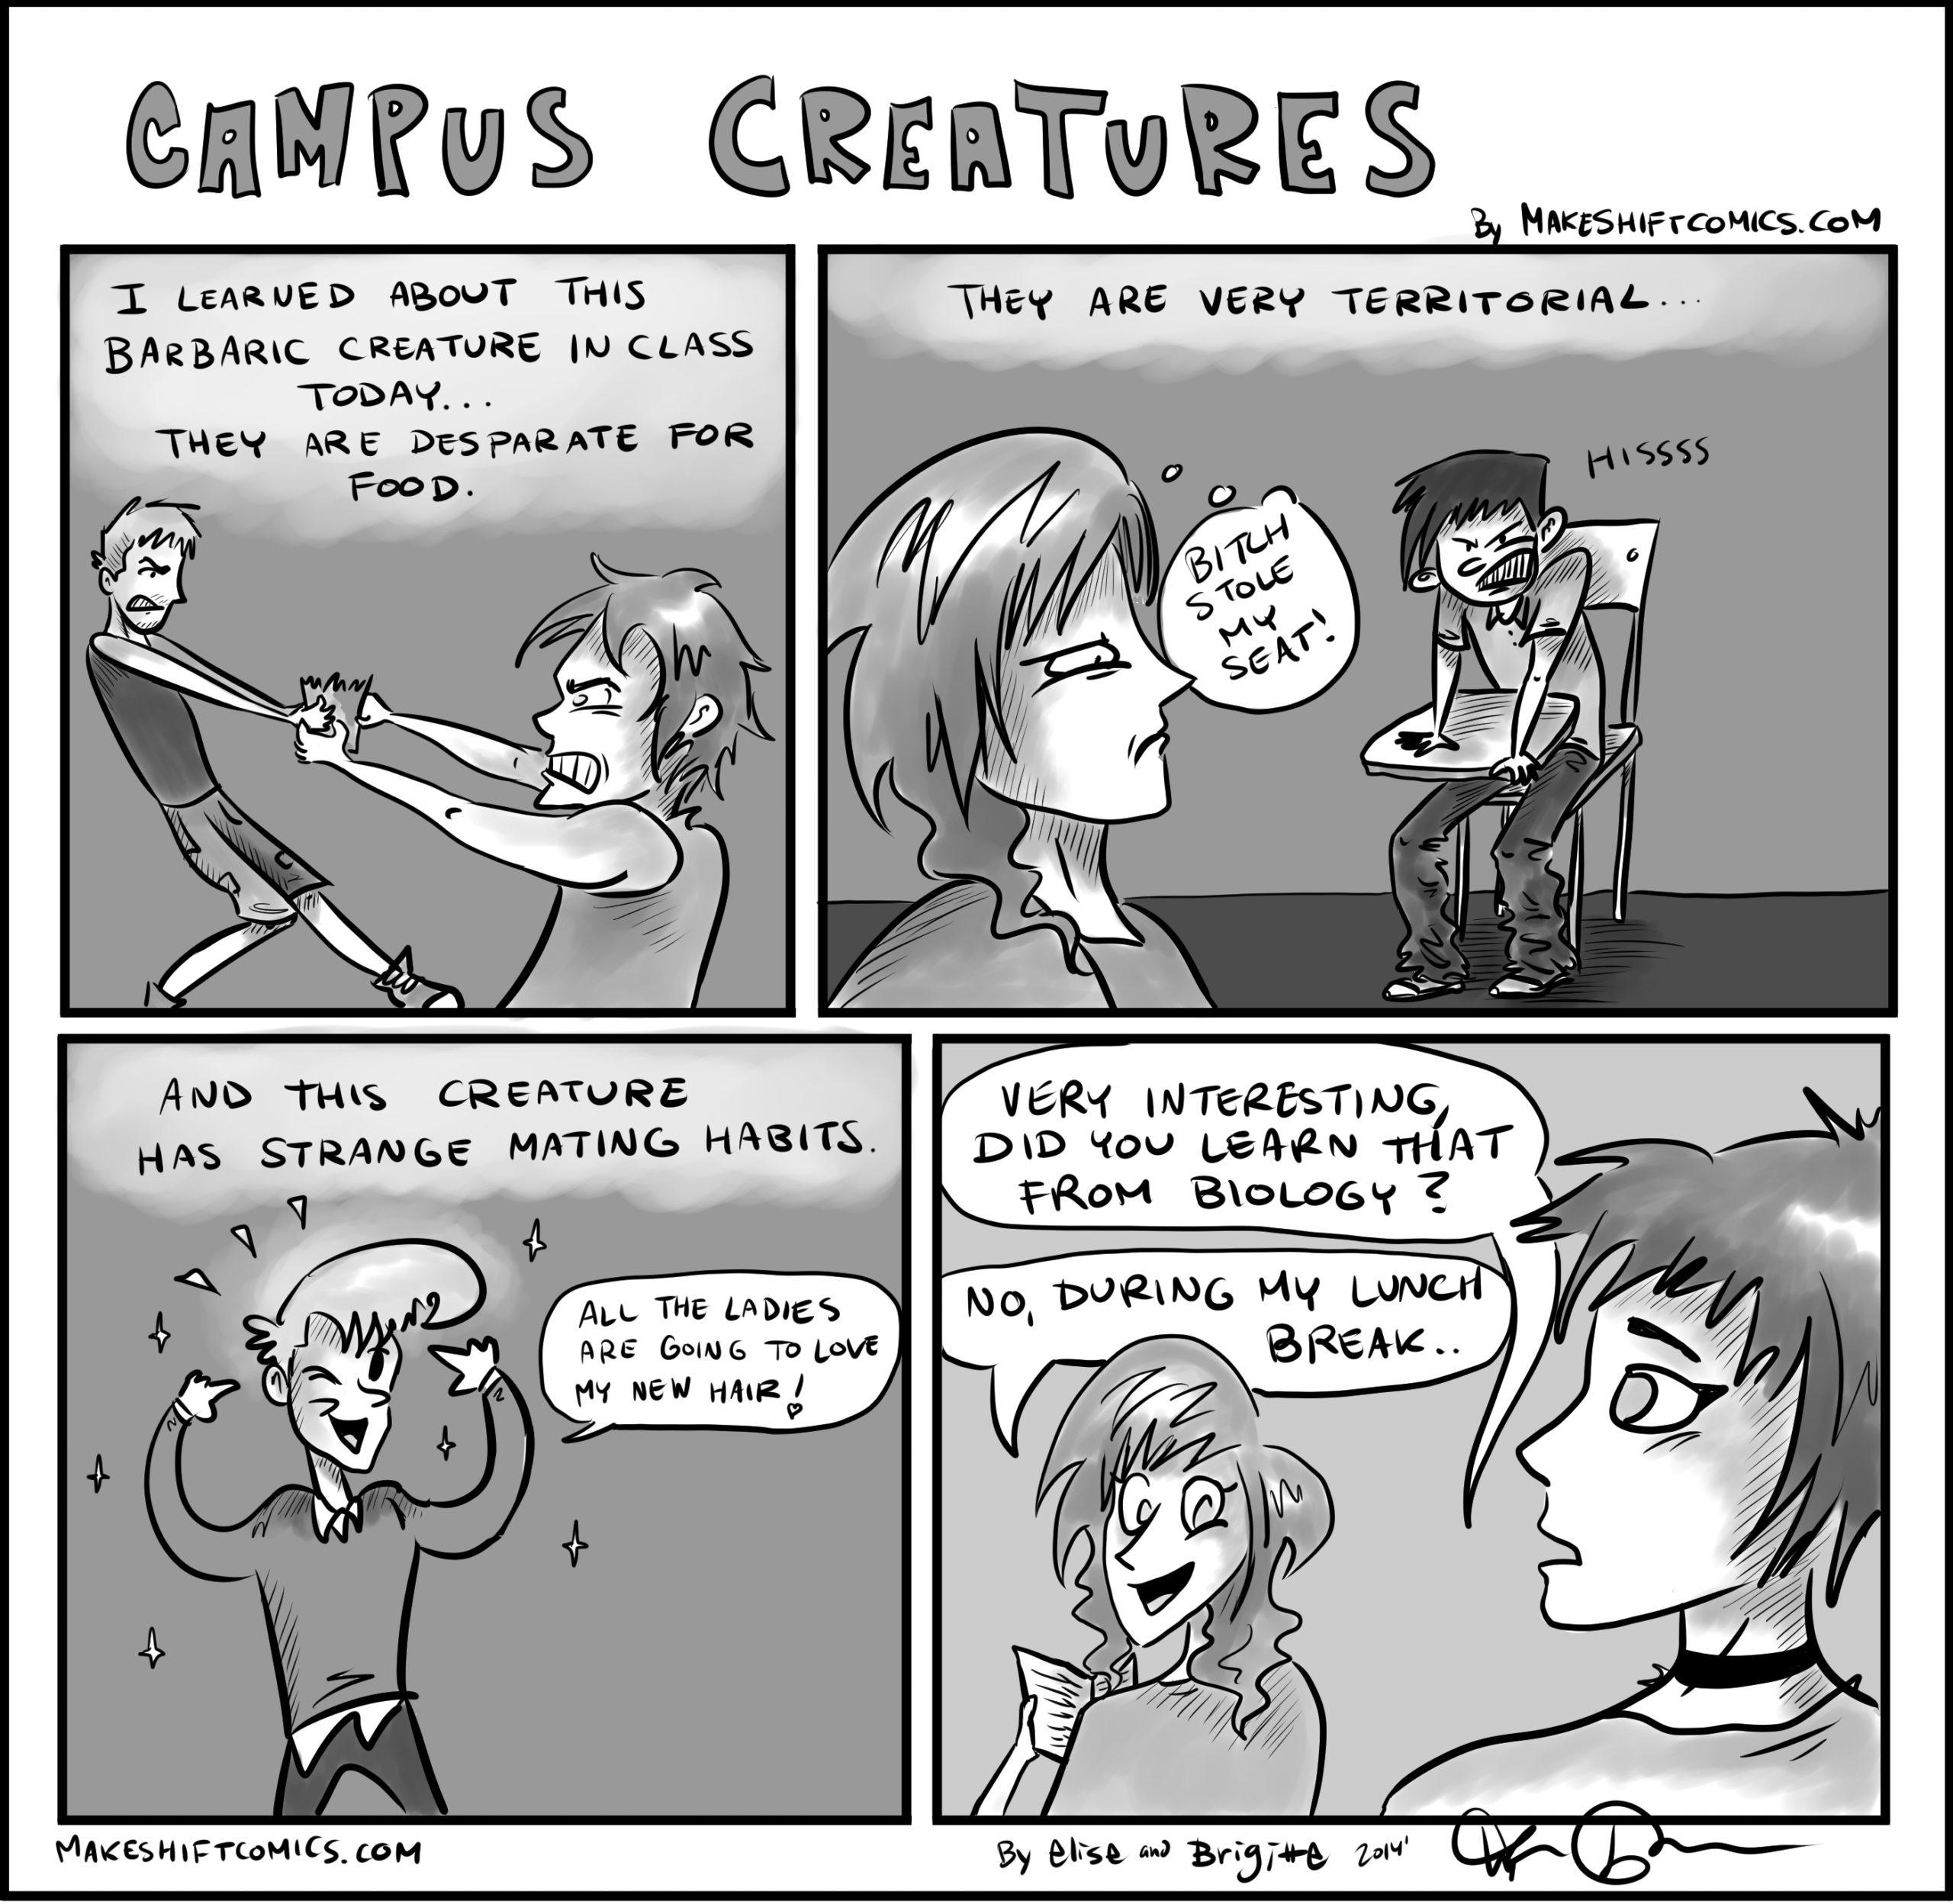 Campus Creatures